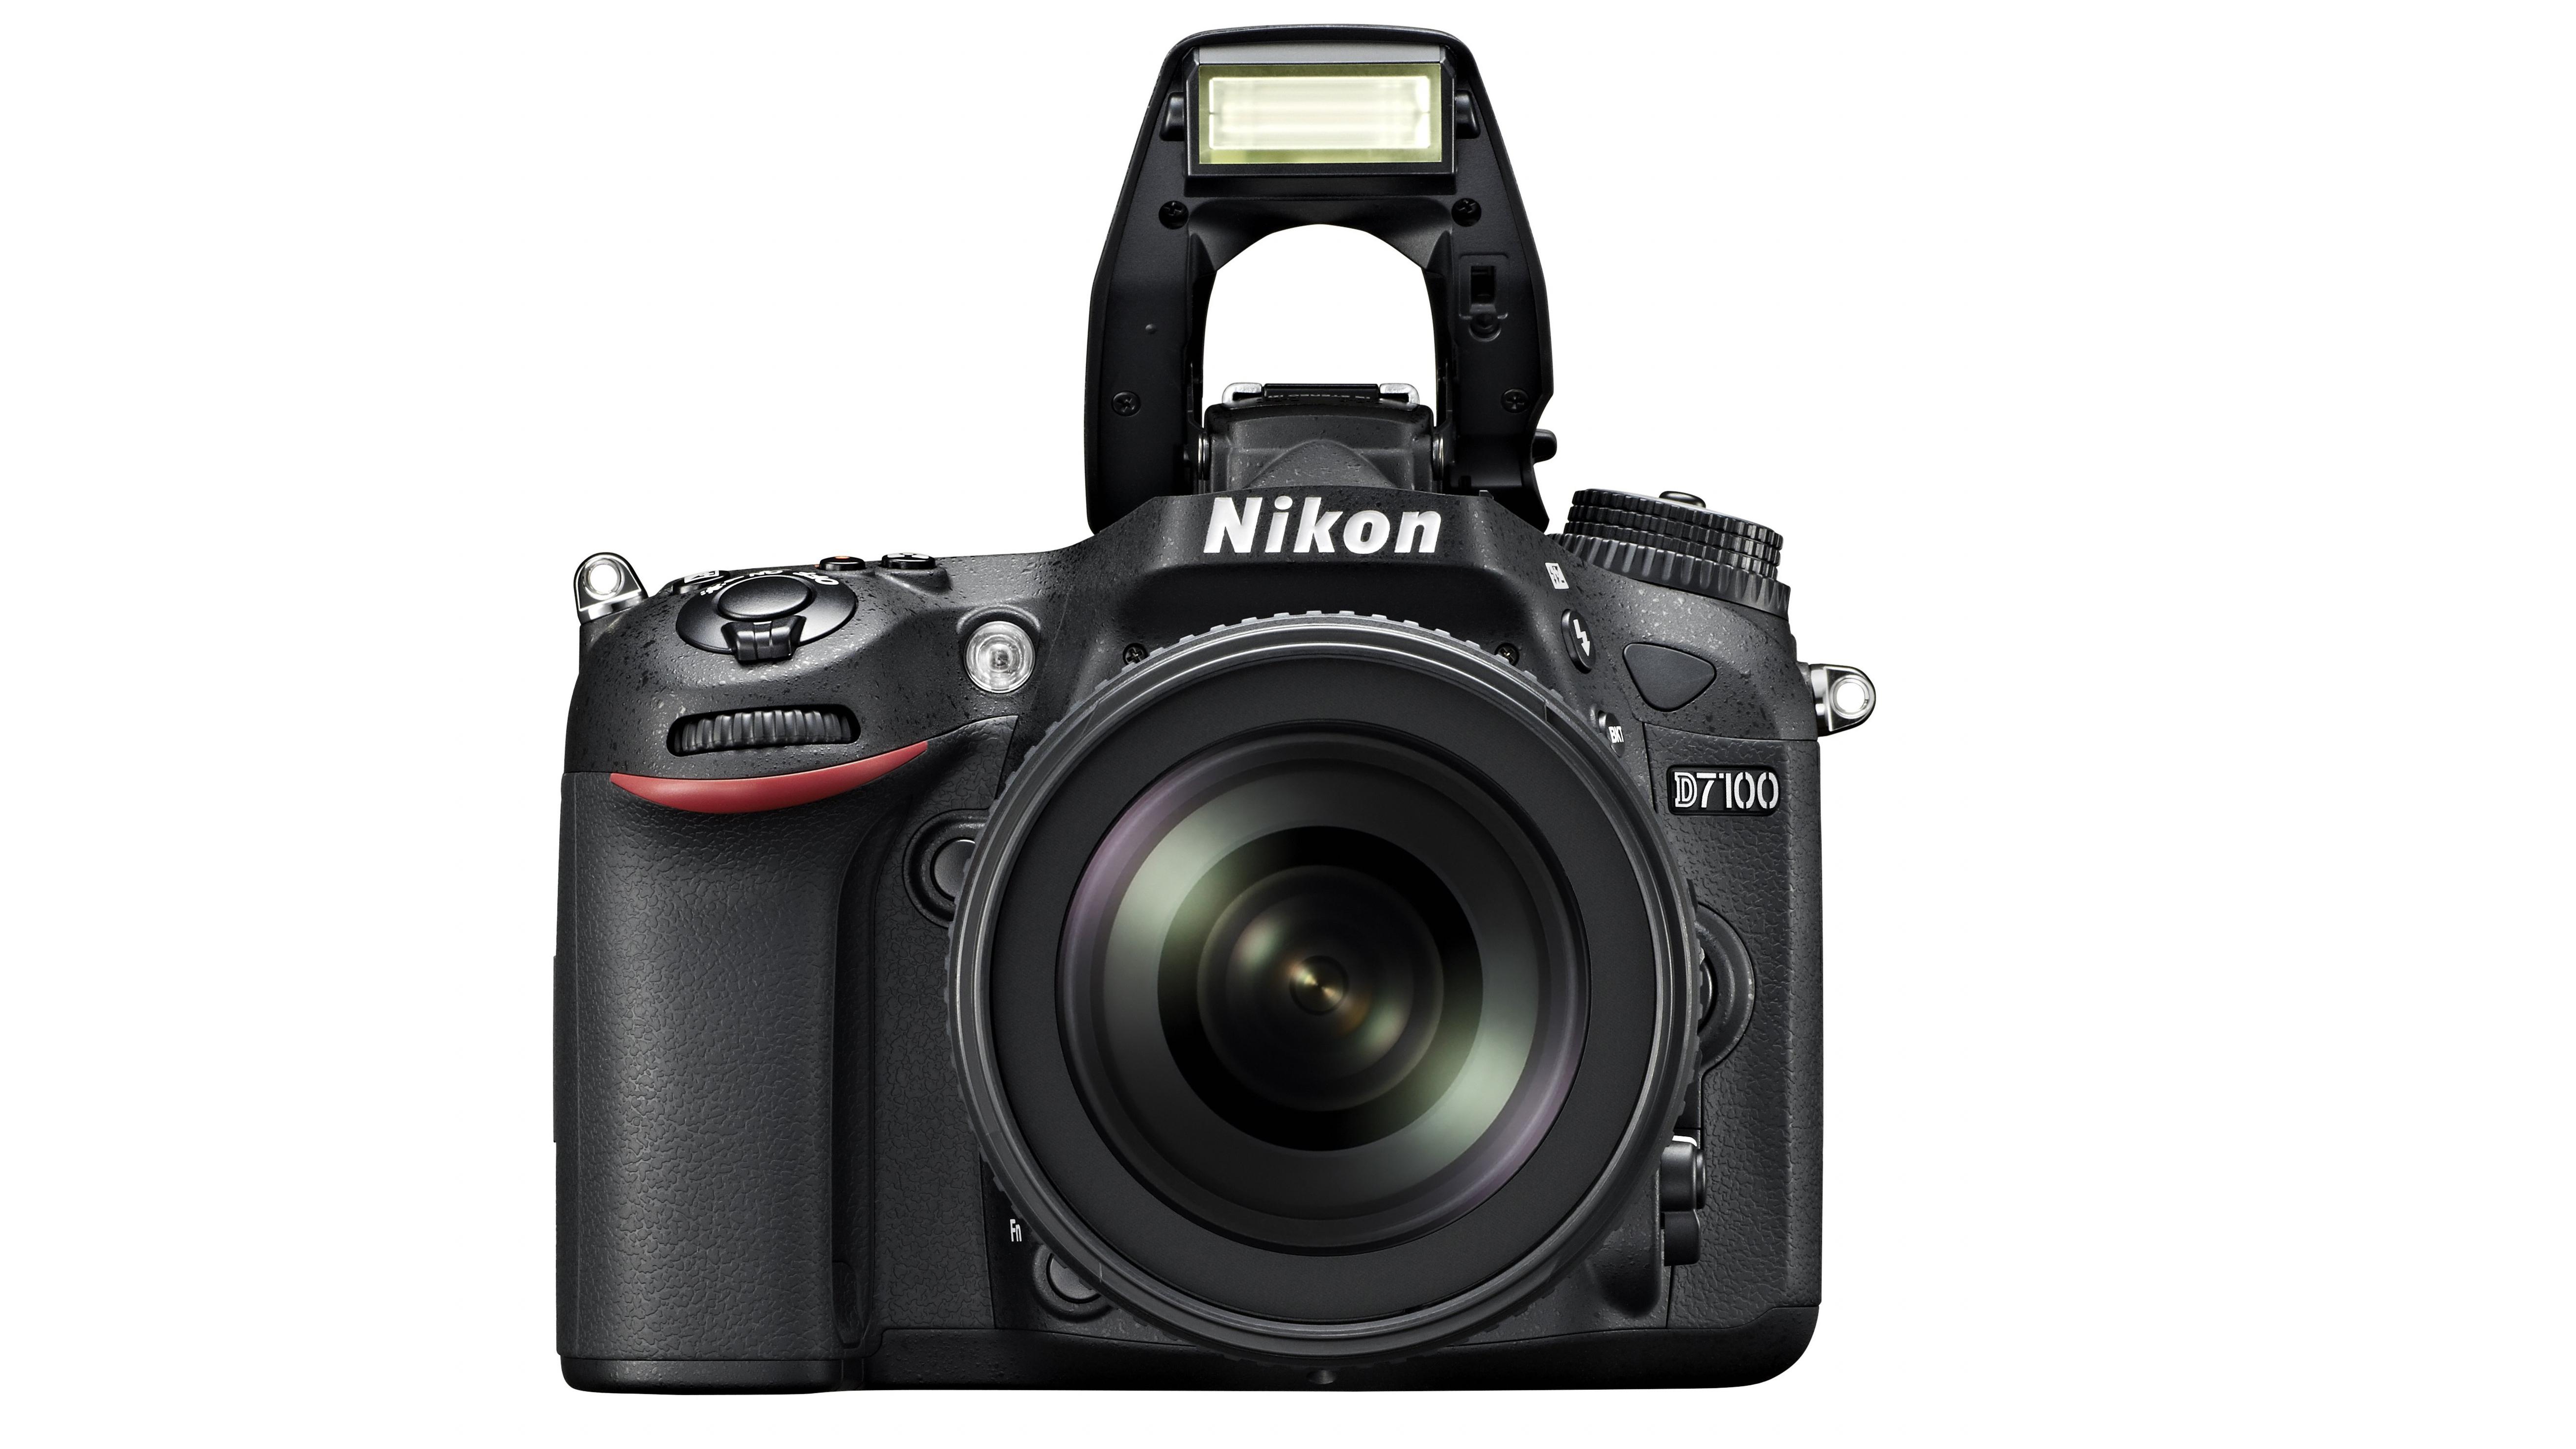 Nikon D7100: 10 things you need to know | TechRadar